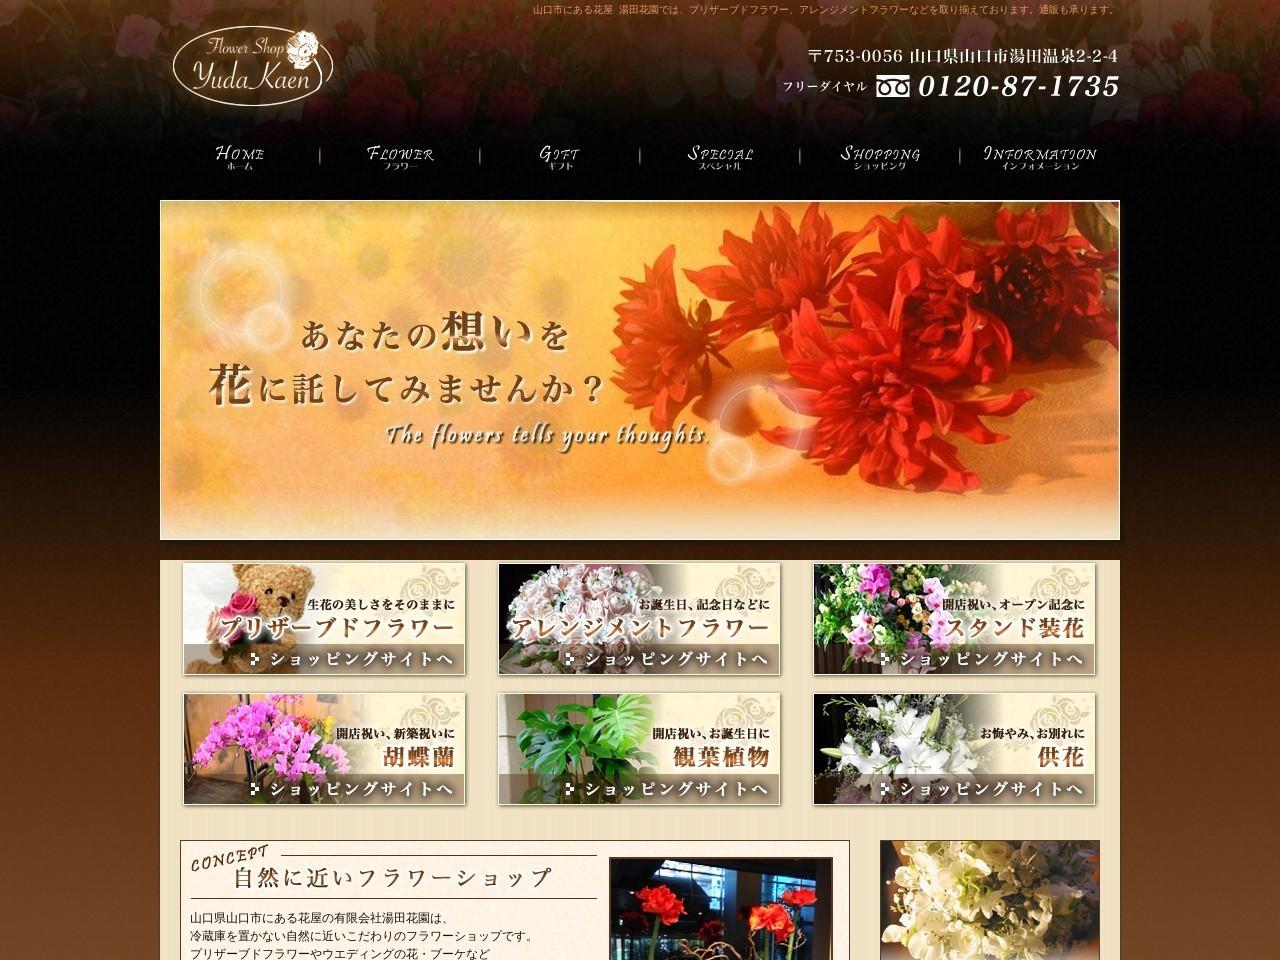 有限会社湯田花園 | 山口市 花屋 プリザーブドフラワー 通販 ウエディング